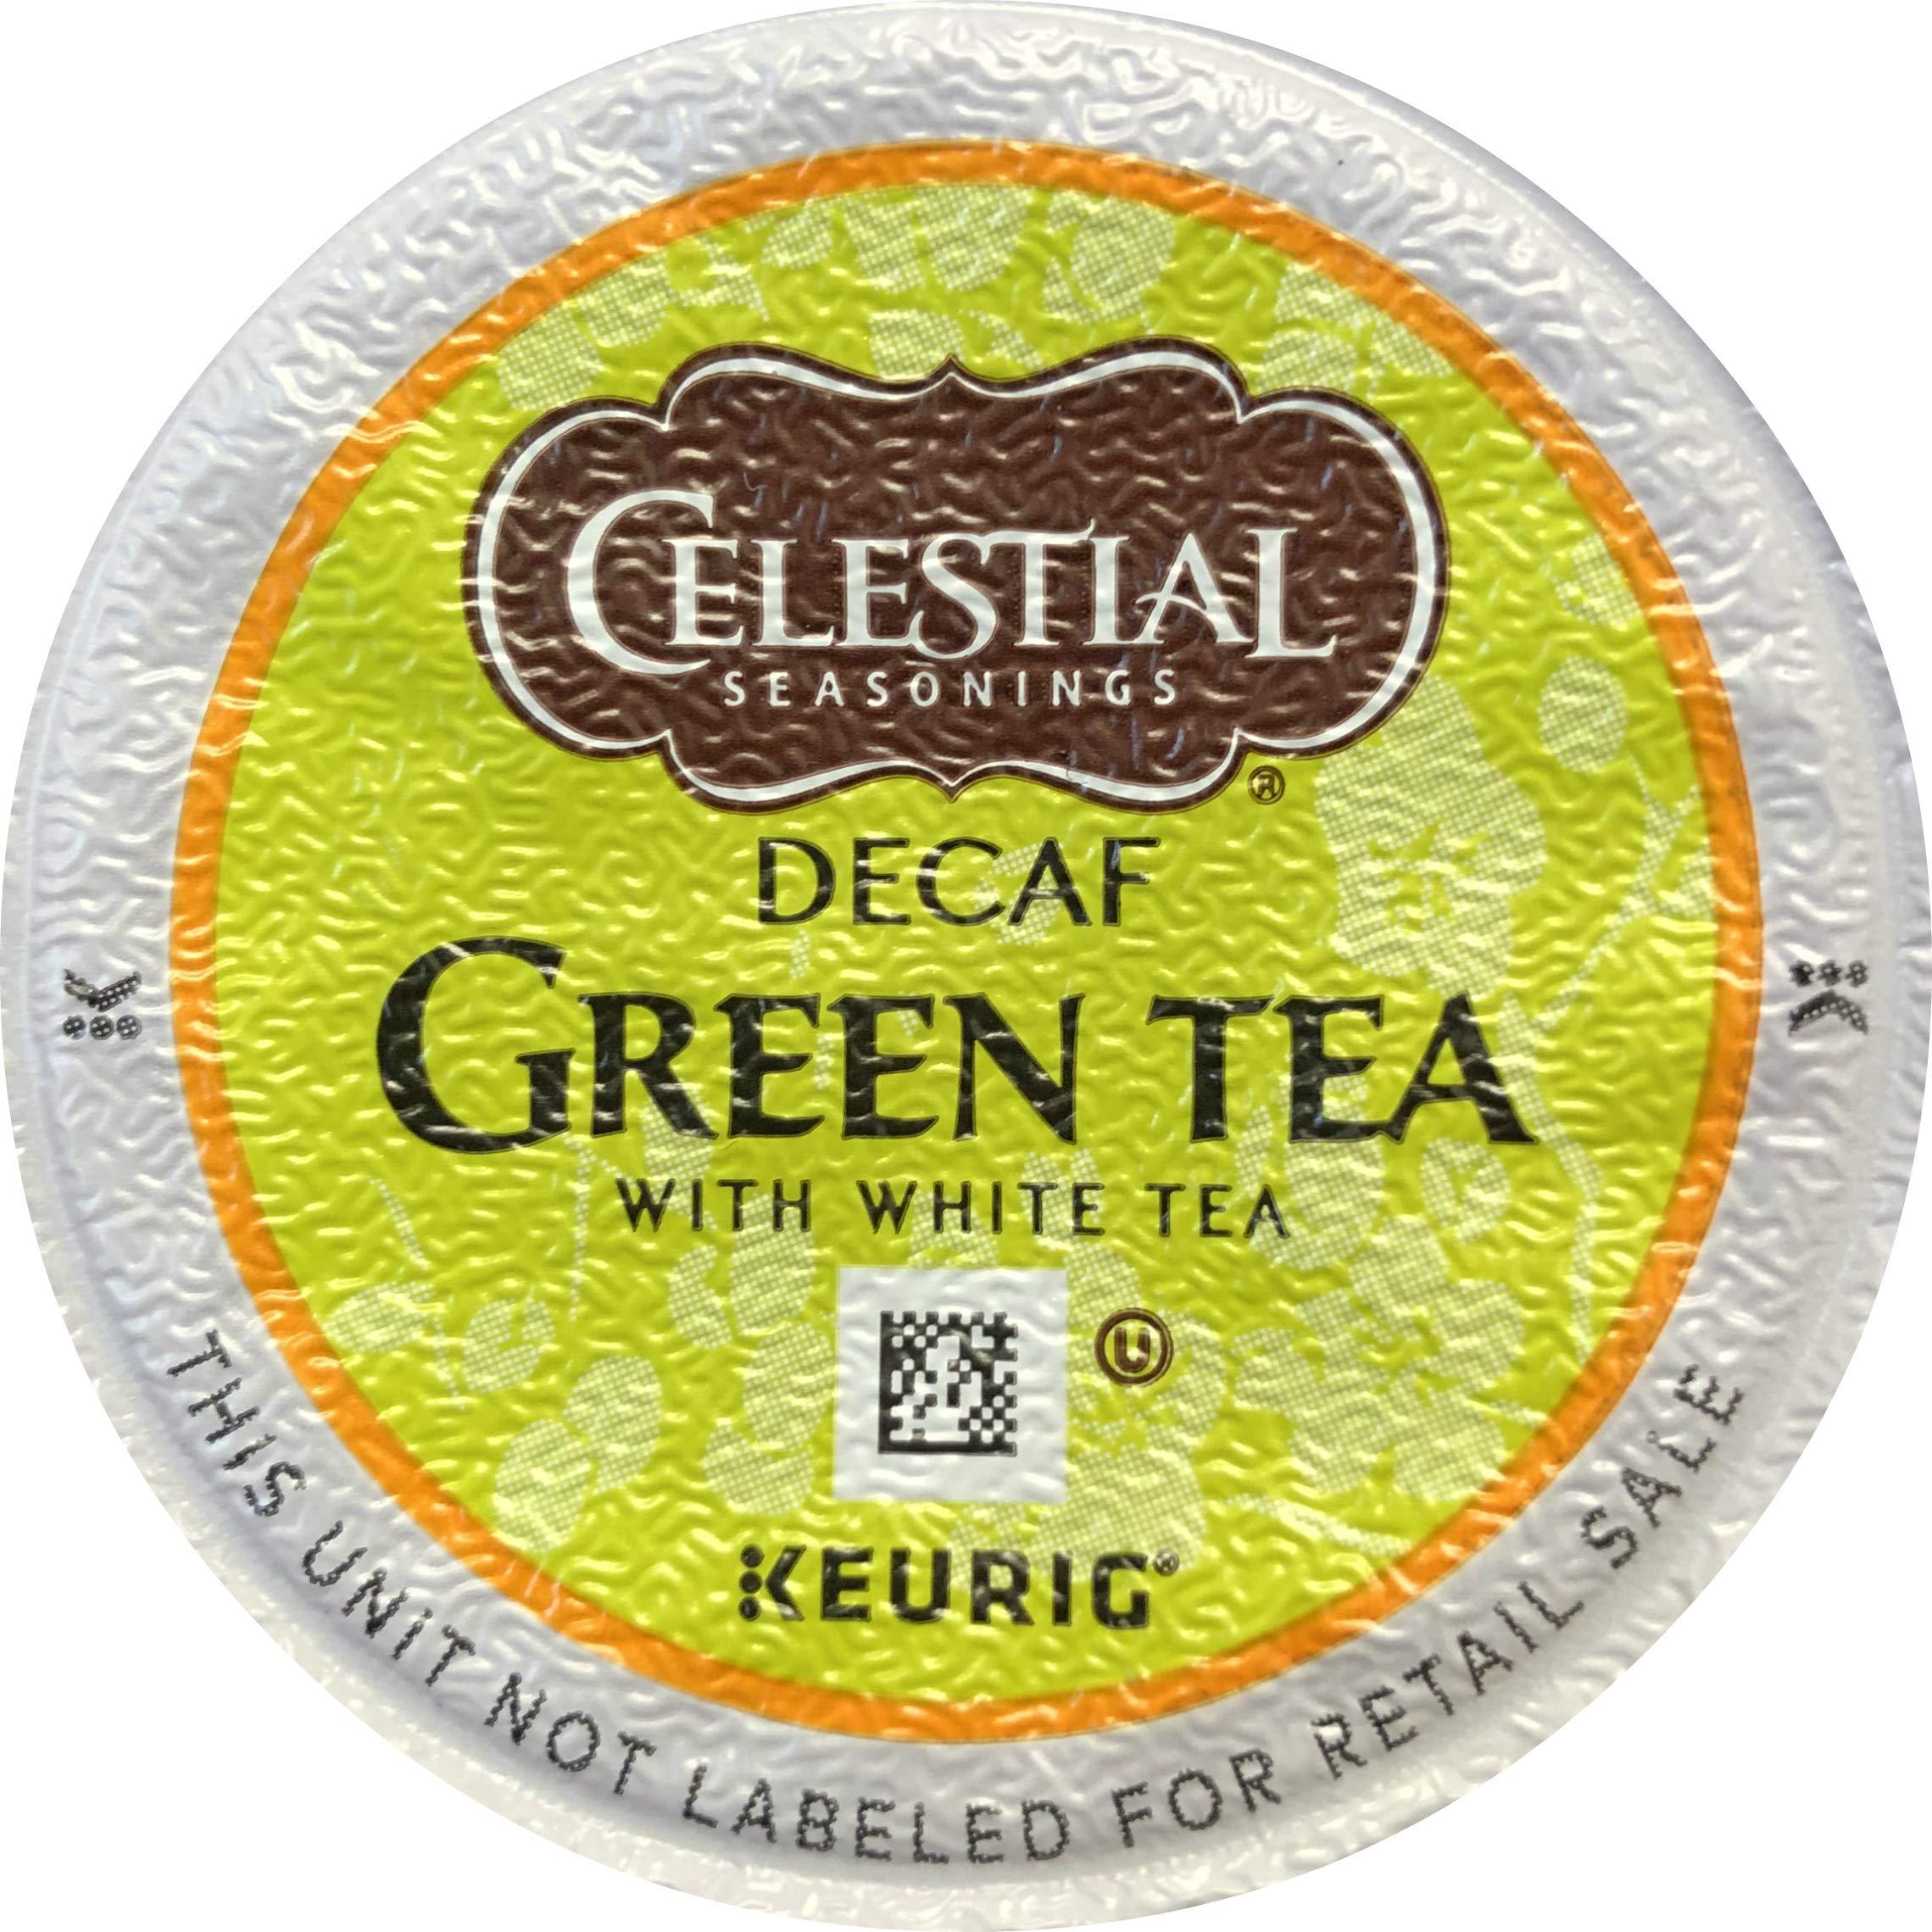 Celestial Seasonings Decaf Green Tea, K-Cup Portion Pack for Keurig K-Cup Brewers, 24-Count (Pack of 2) - Packaging May Vary